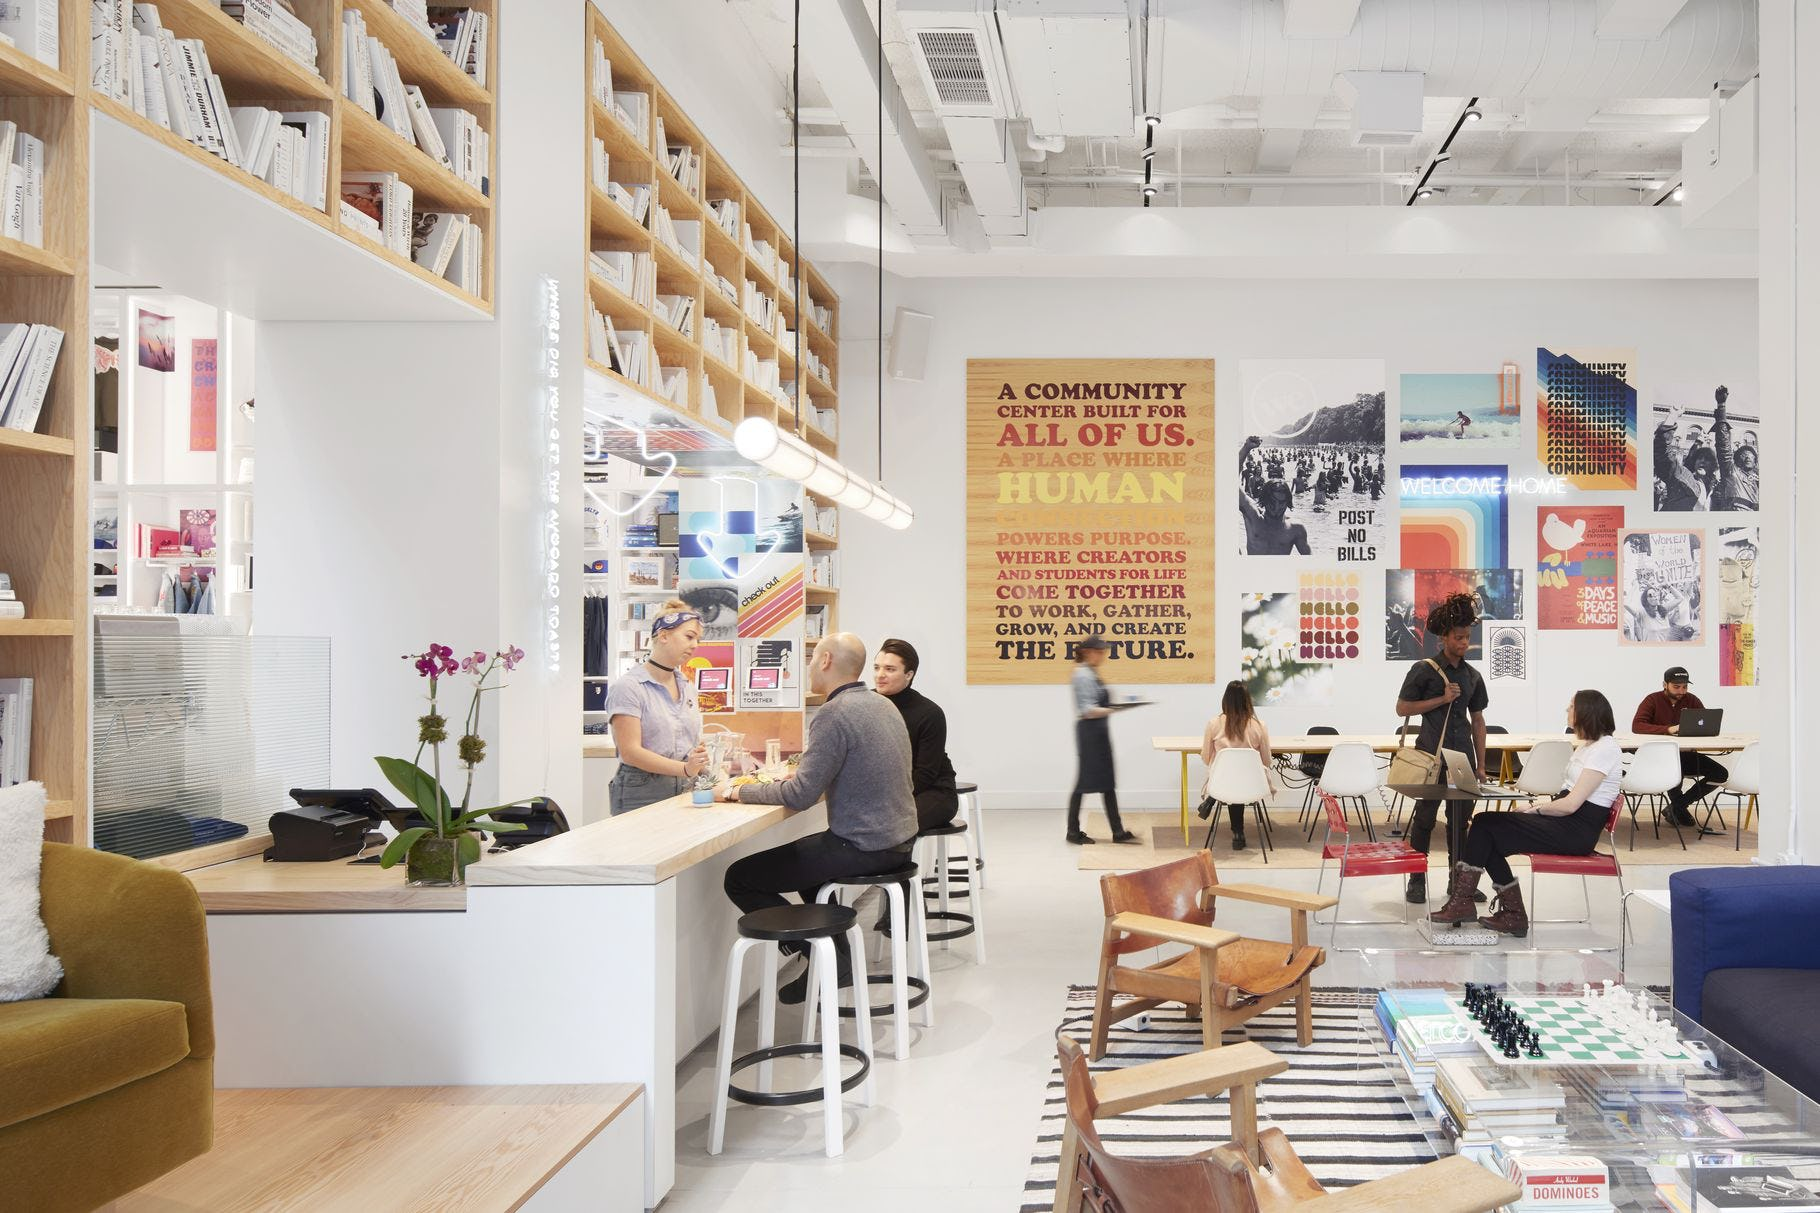 Fleksible kontorer - hvorfor har de blitt så populære?